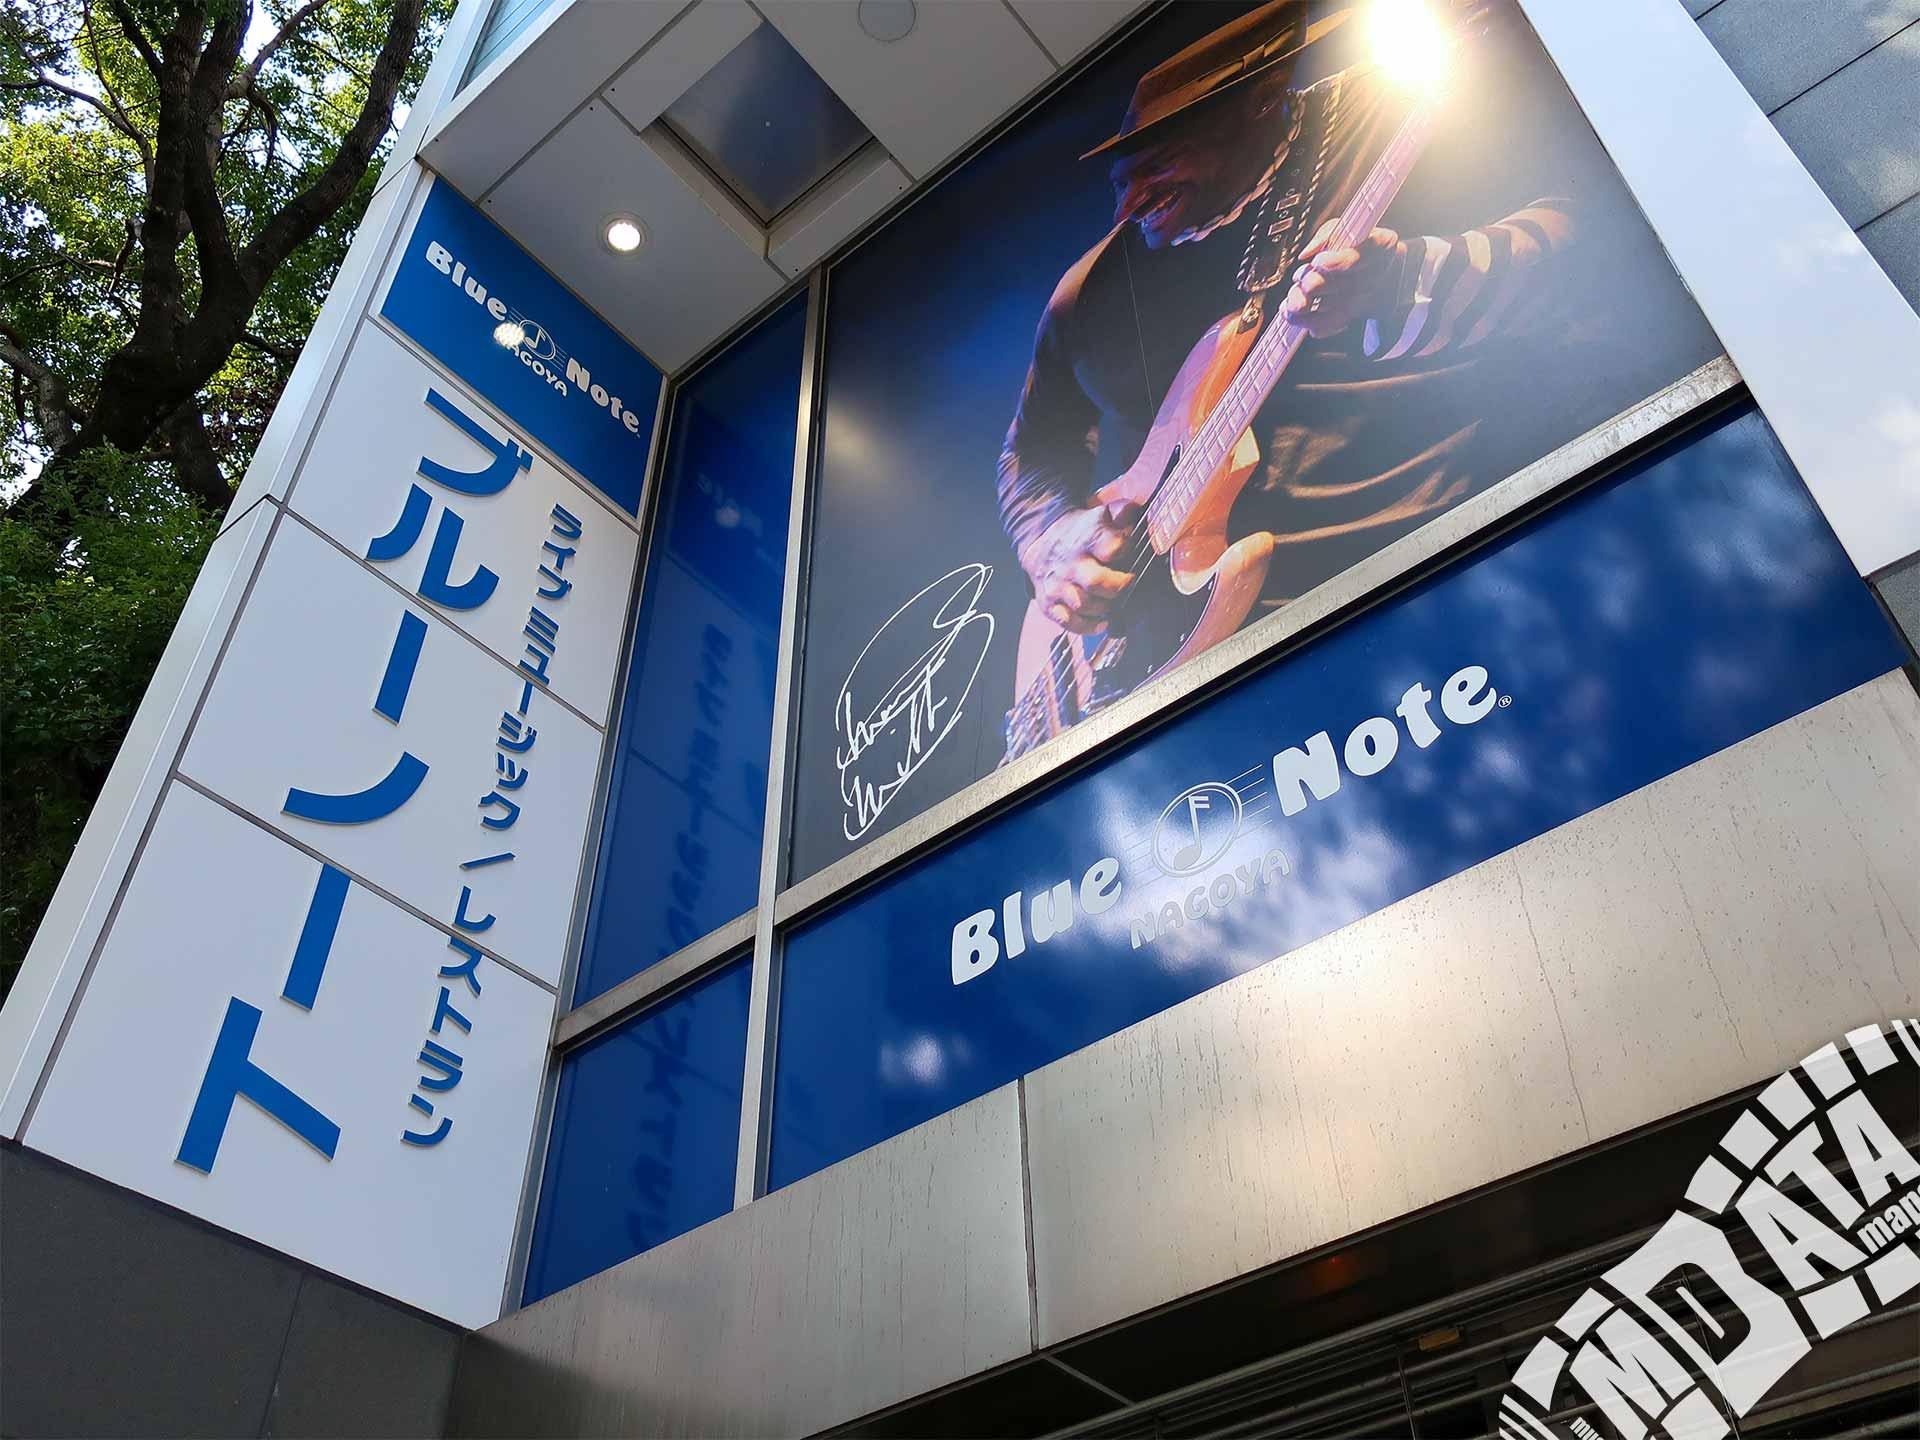 ブルー ノート 名古屋 名古屋ブルーノートが8月15日で廃業へ HPで発表:朝日新聞デジタル